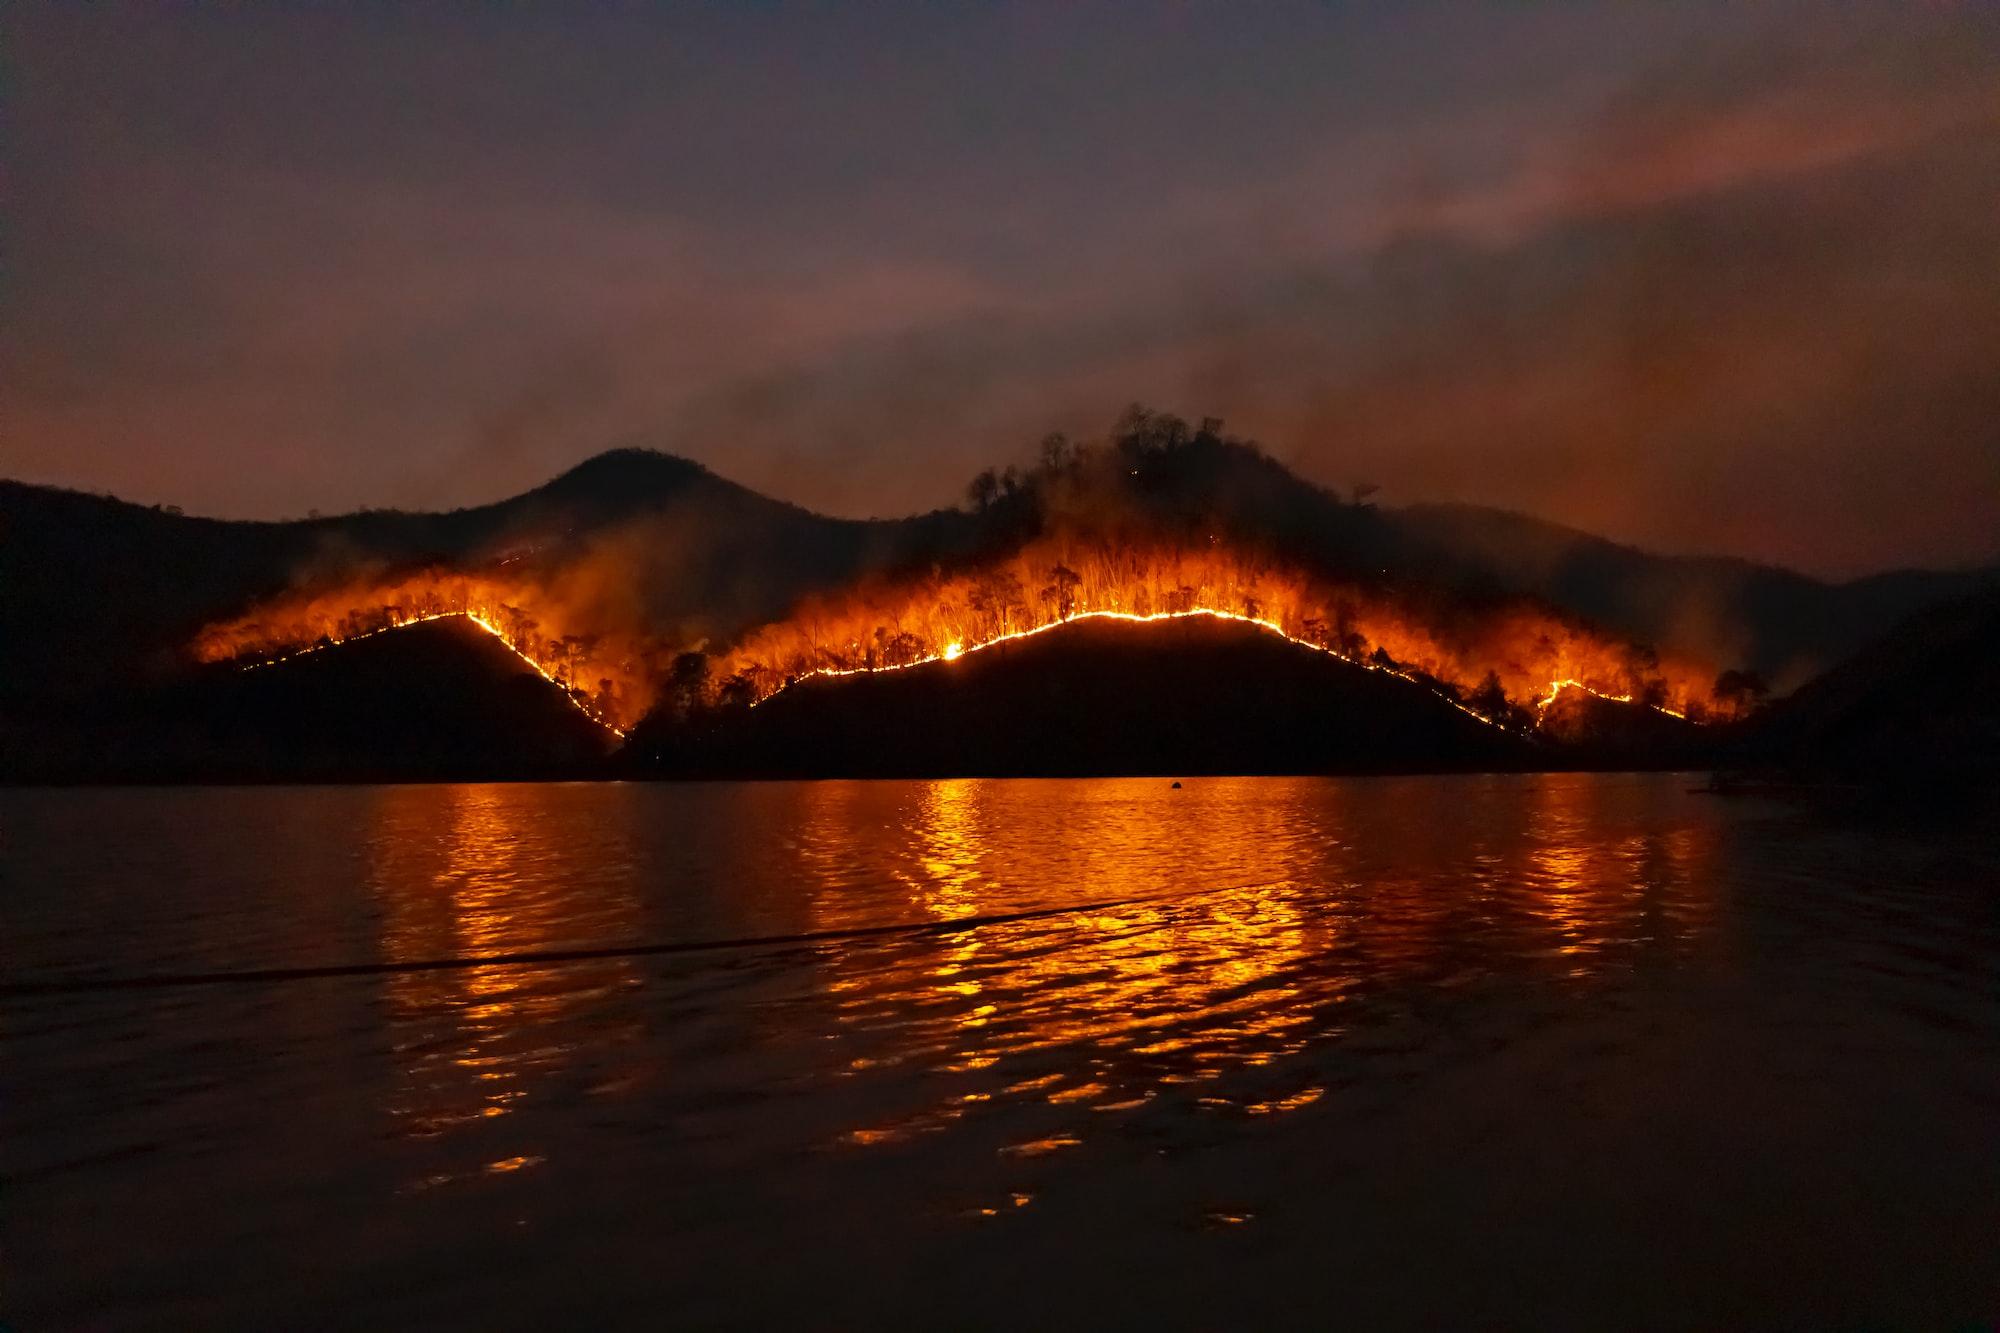 Ne, za současné požáry v Austrálii nemohou žháři ani místní ekologové